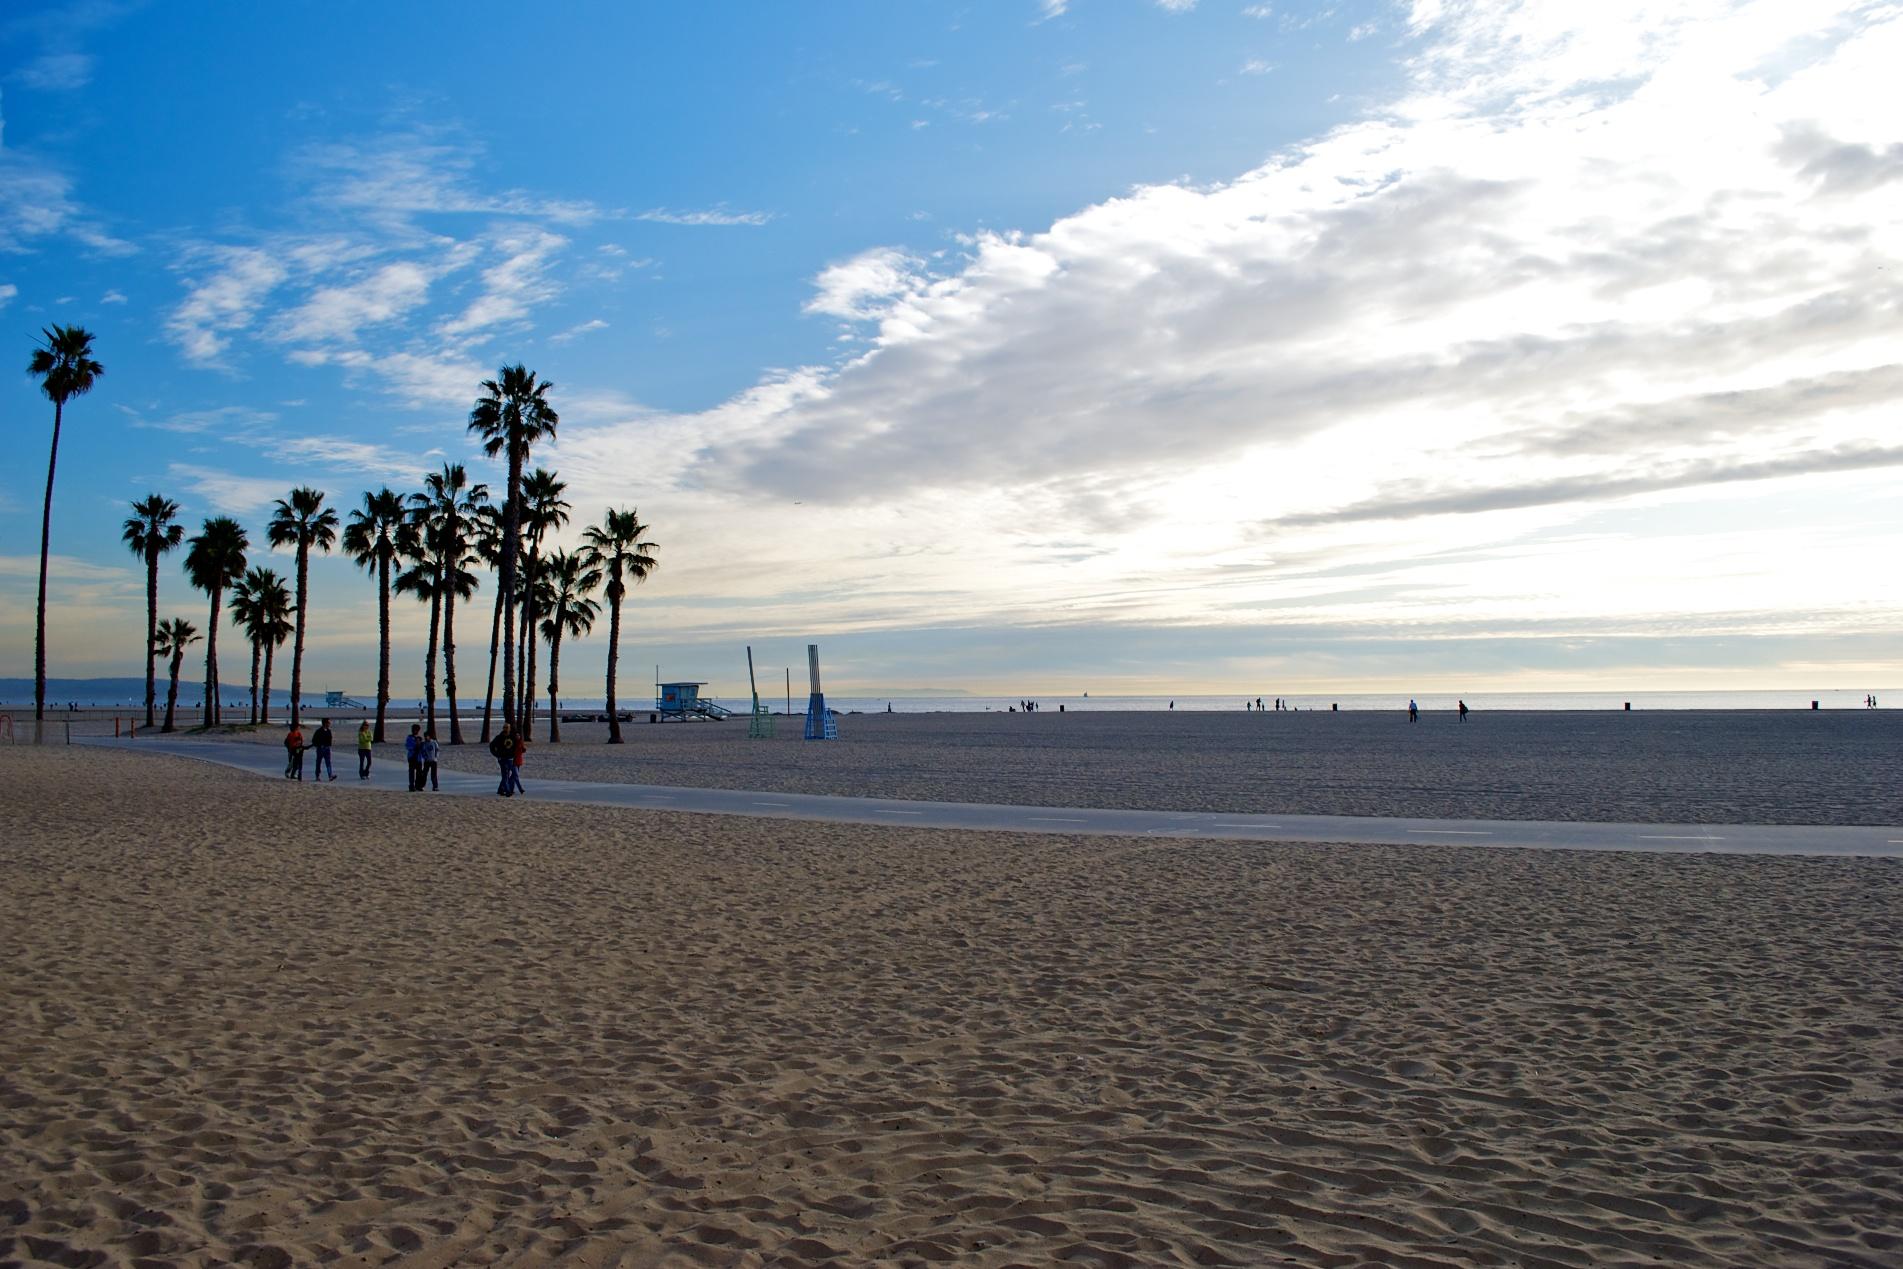 Palm Trees By The Beach In Santa Monica California 2009 12 28